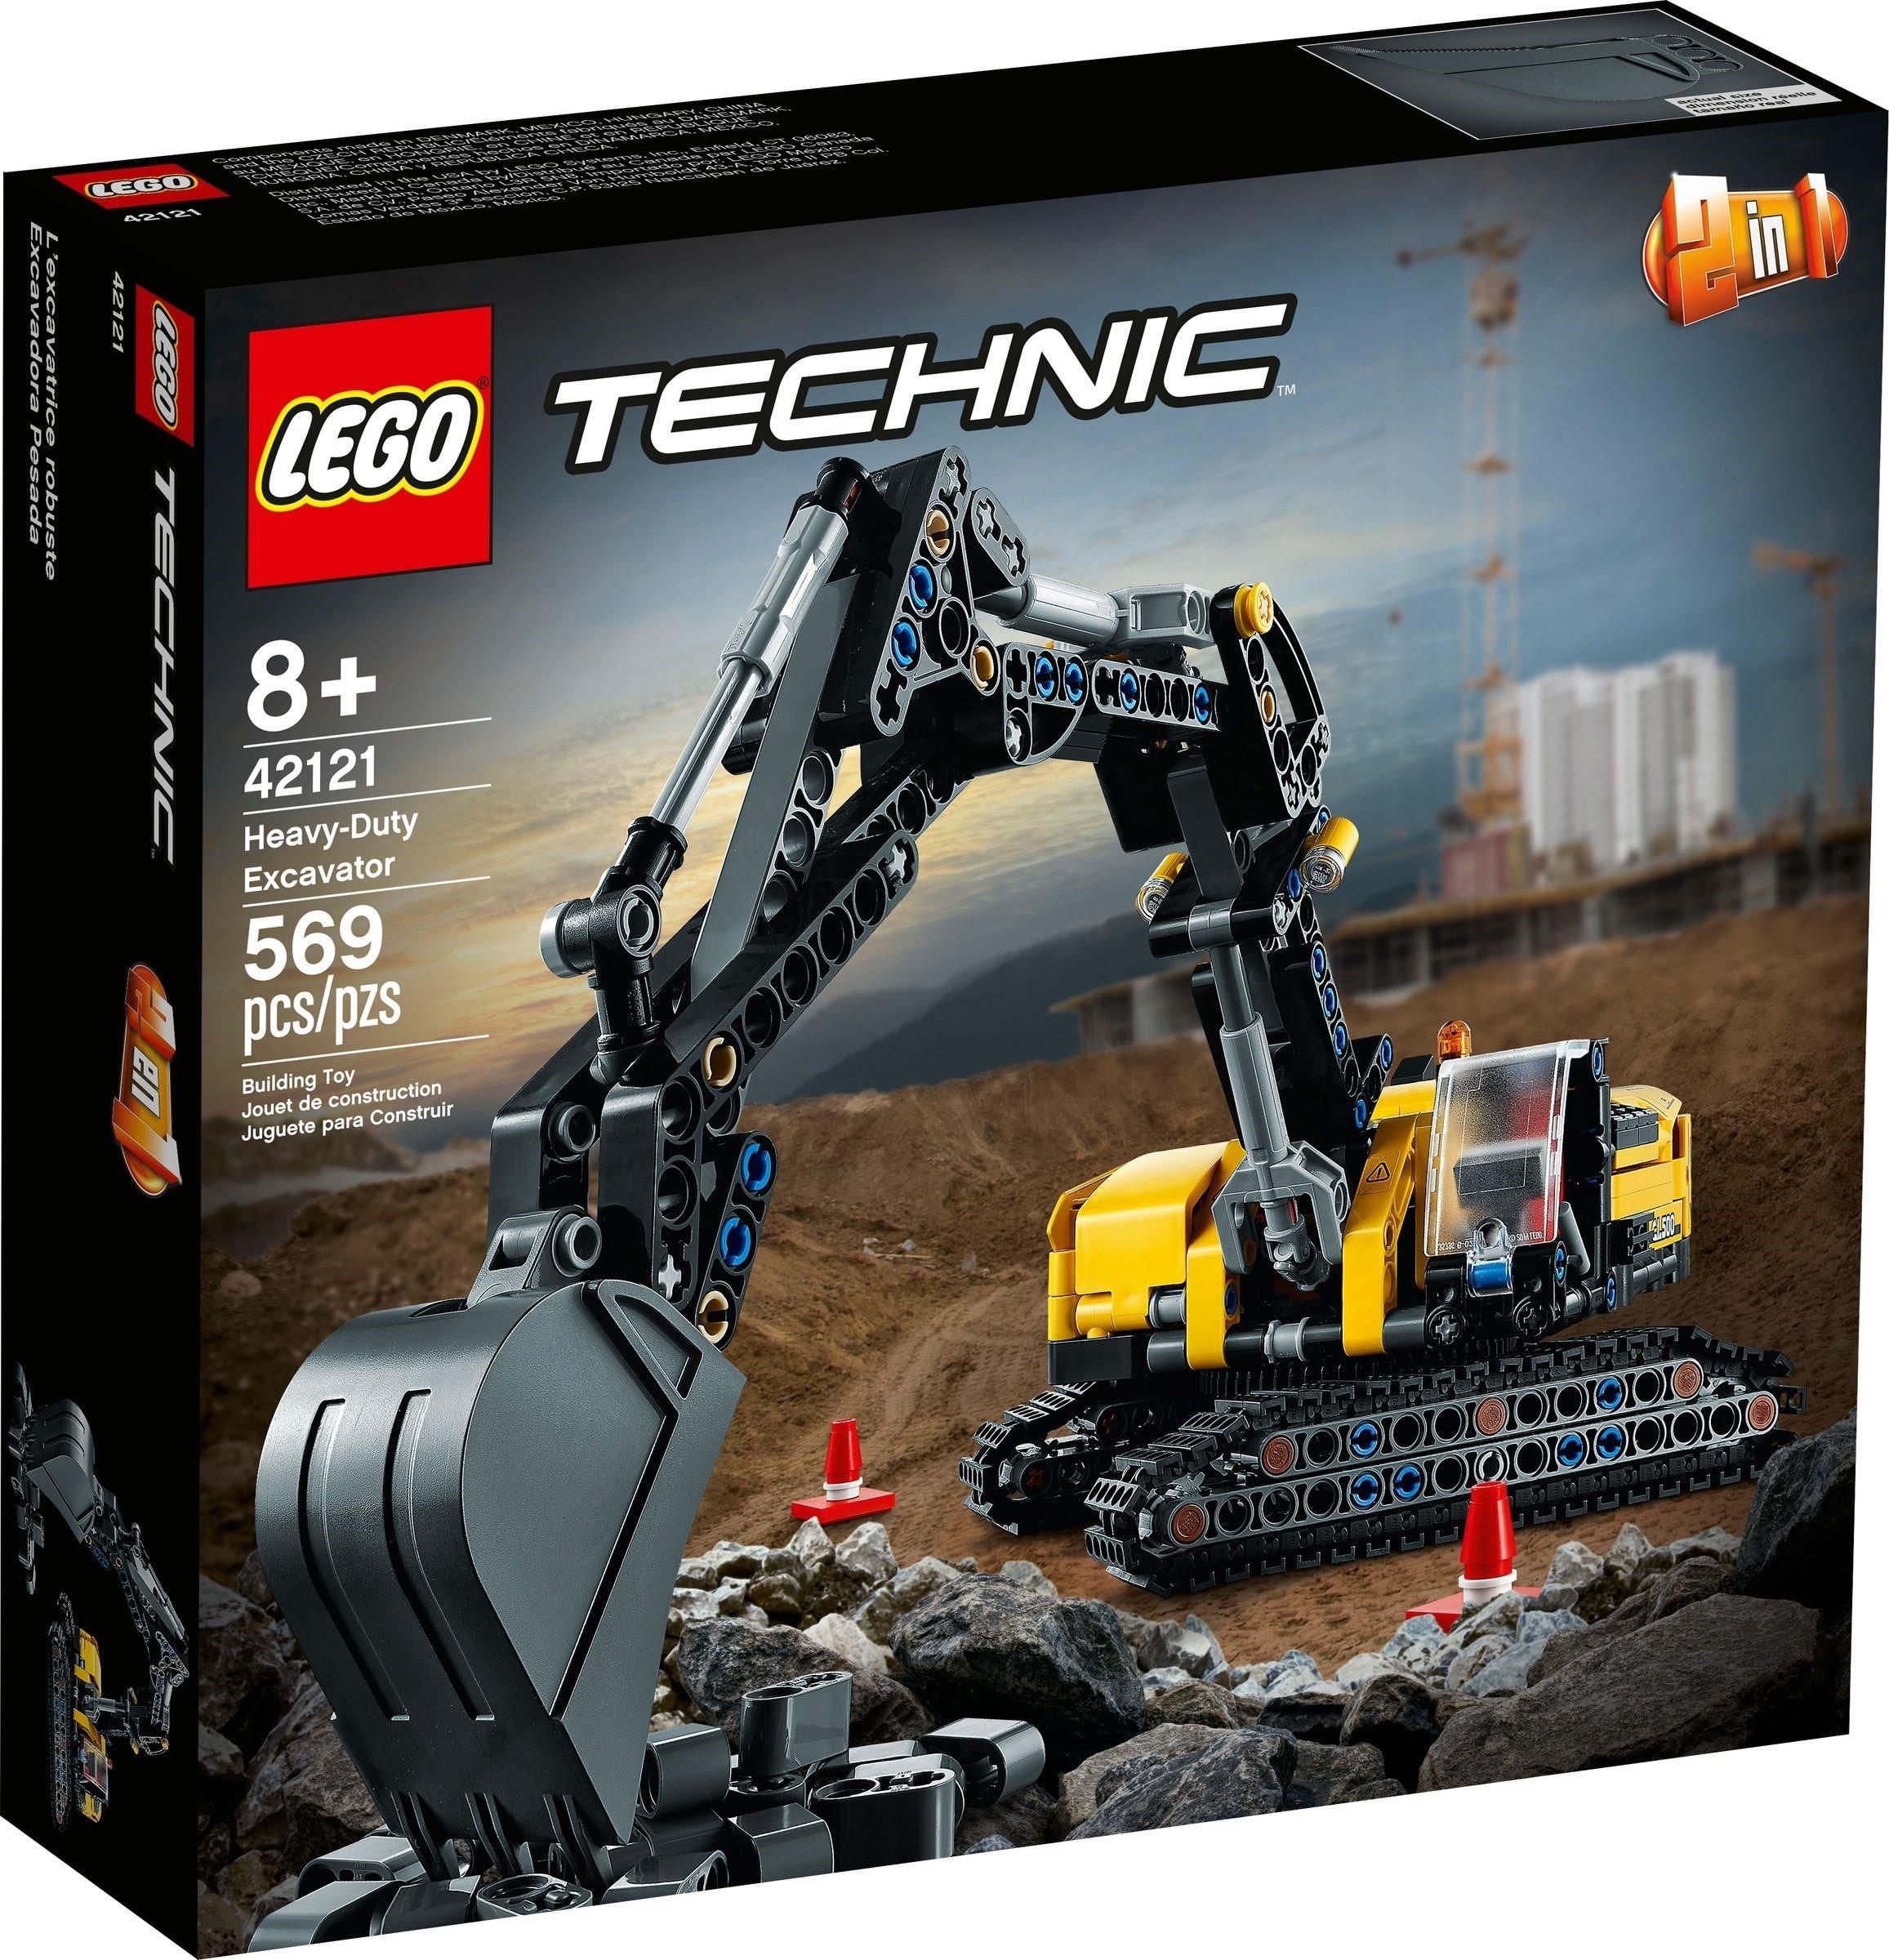 LEGO Technic - Heavy-Duty Excavator (42121)